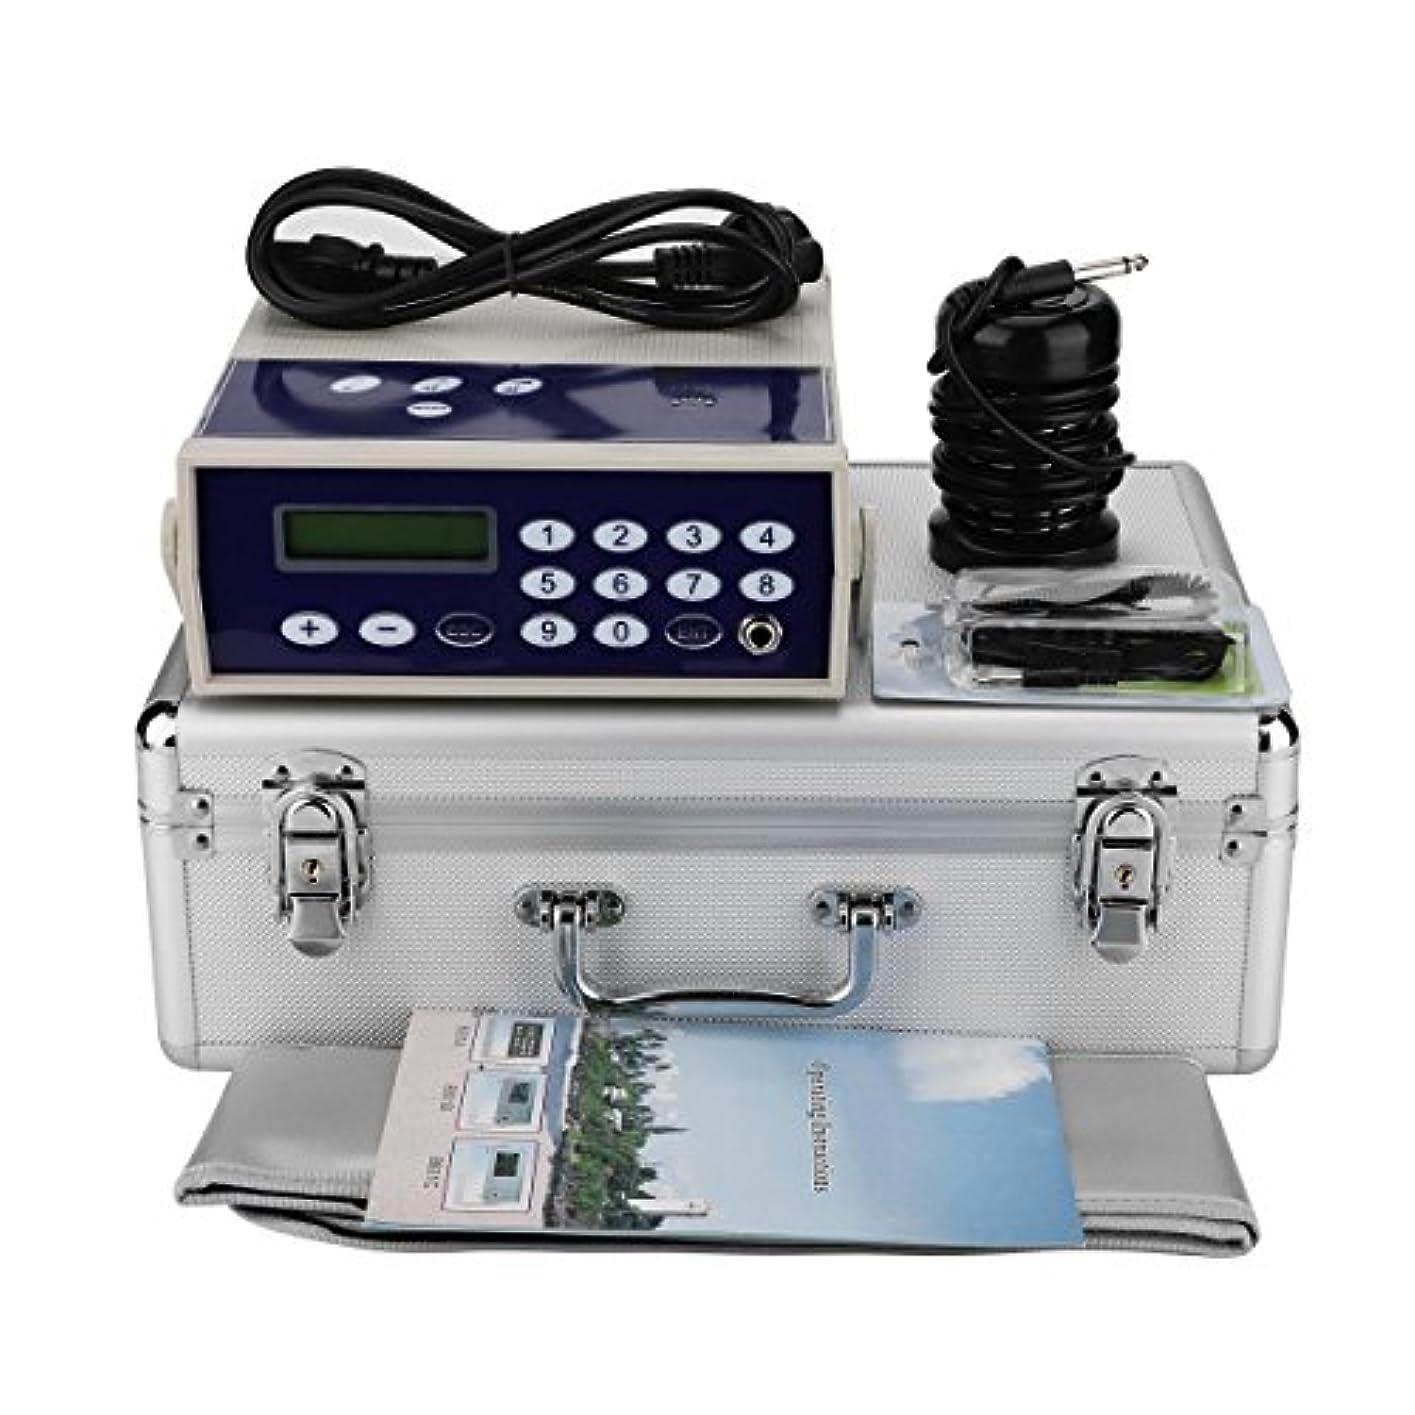 近傍カウントアップ医薬品イオンフットクレンジングデトックスフットバスマシンボディデトックスマシンイオンアレイフットバススパクレンジングイオンウエストベルト解毒(US Plug)